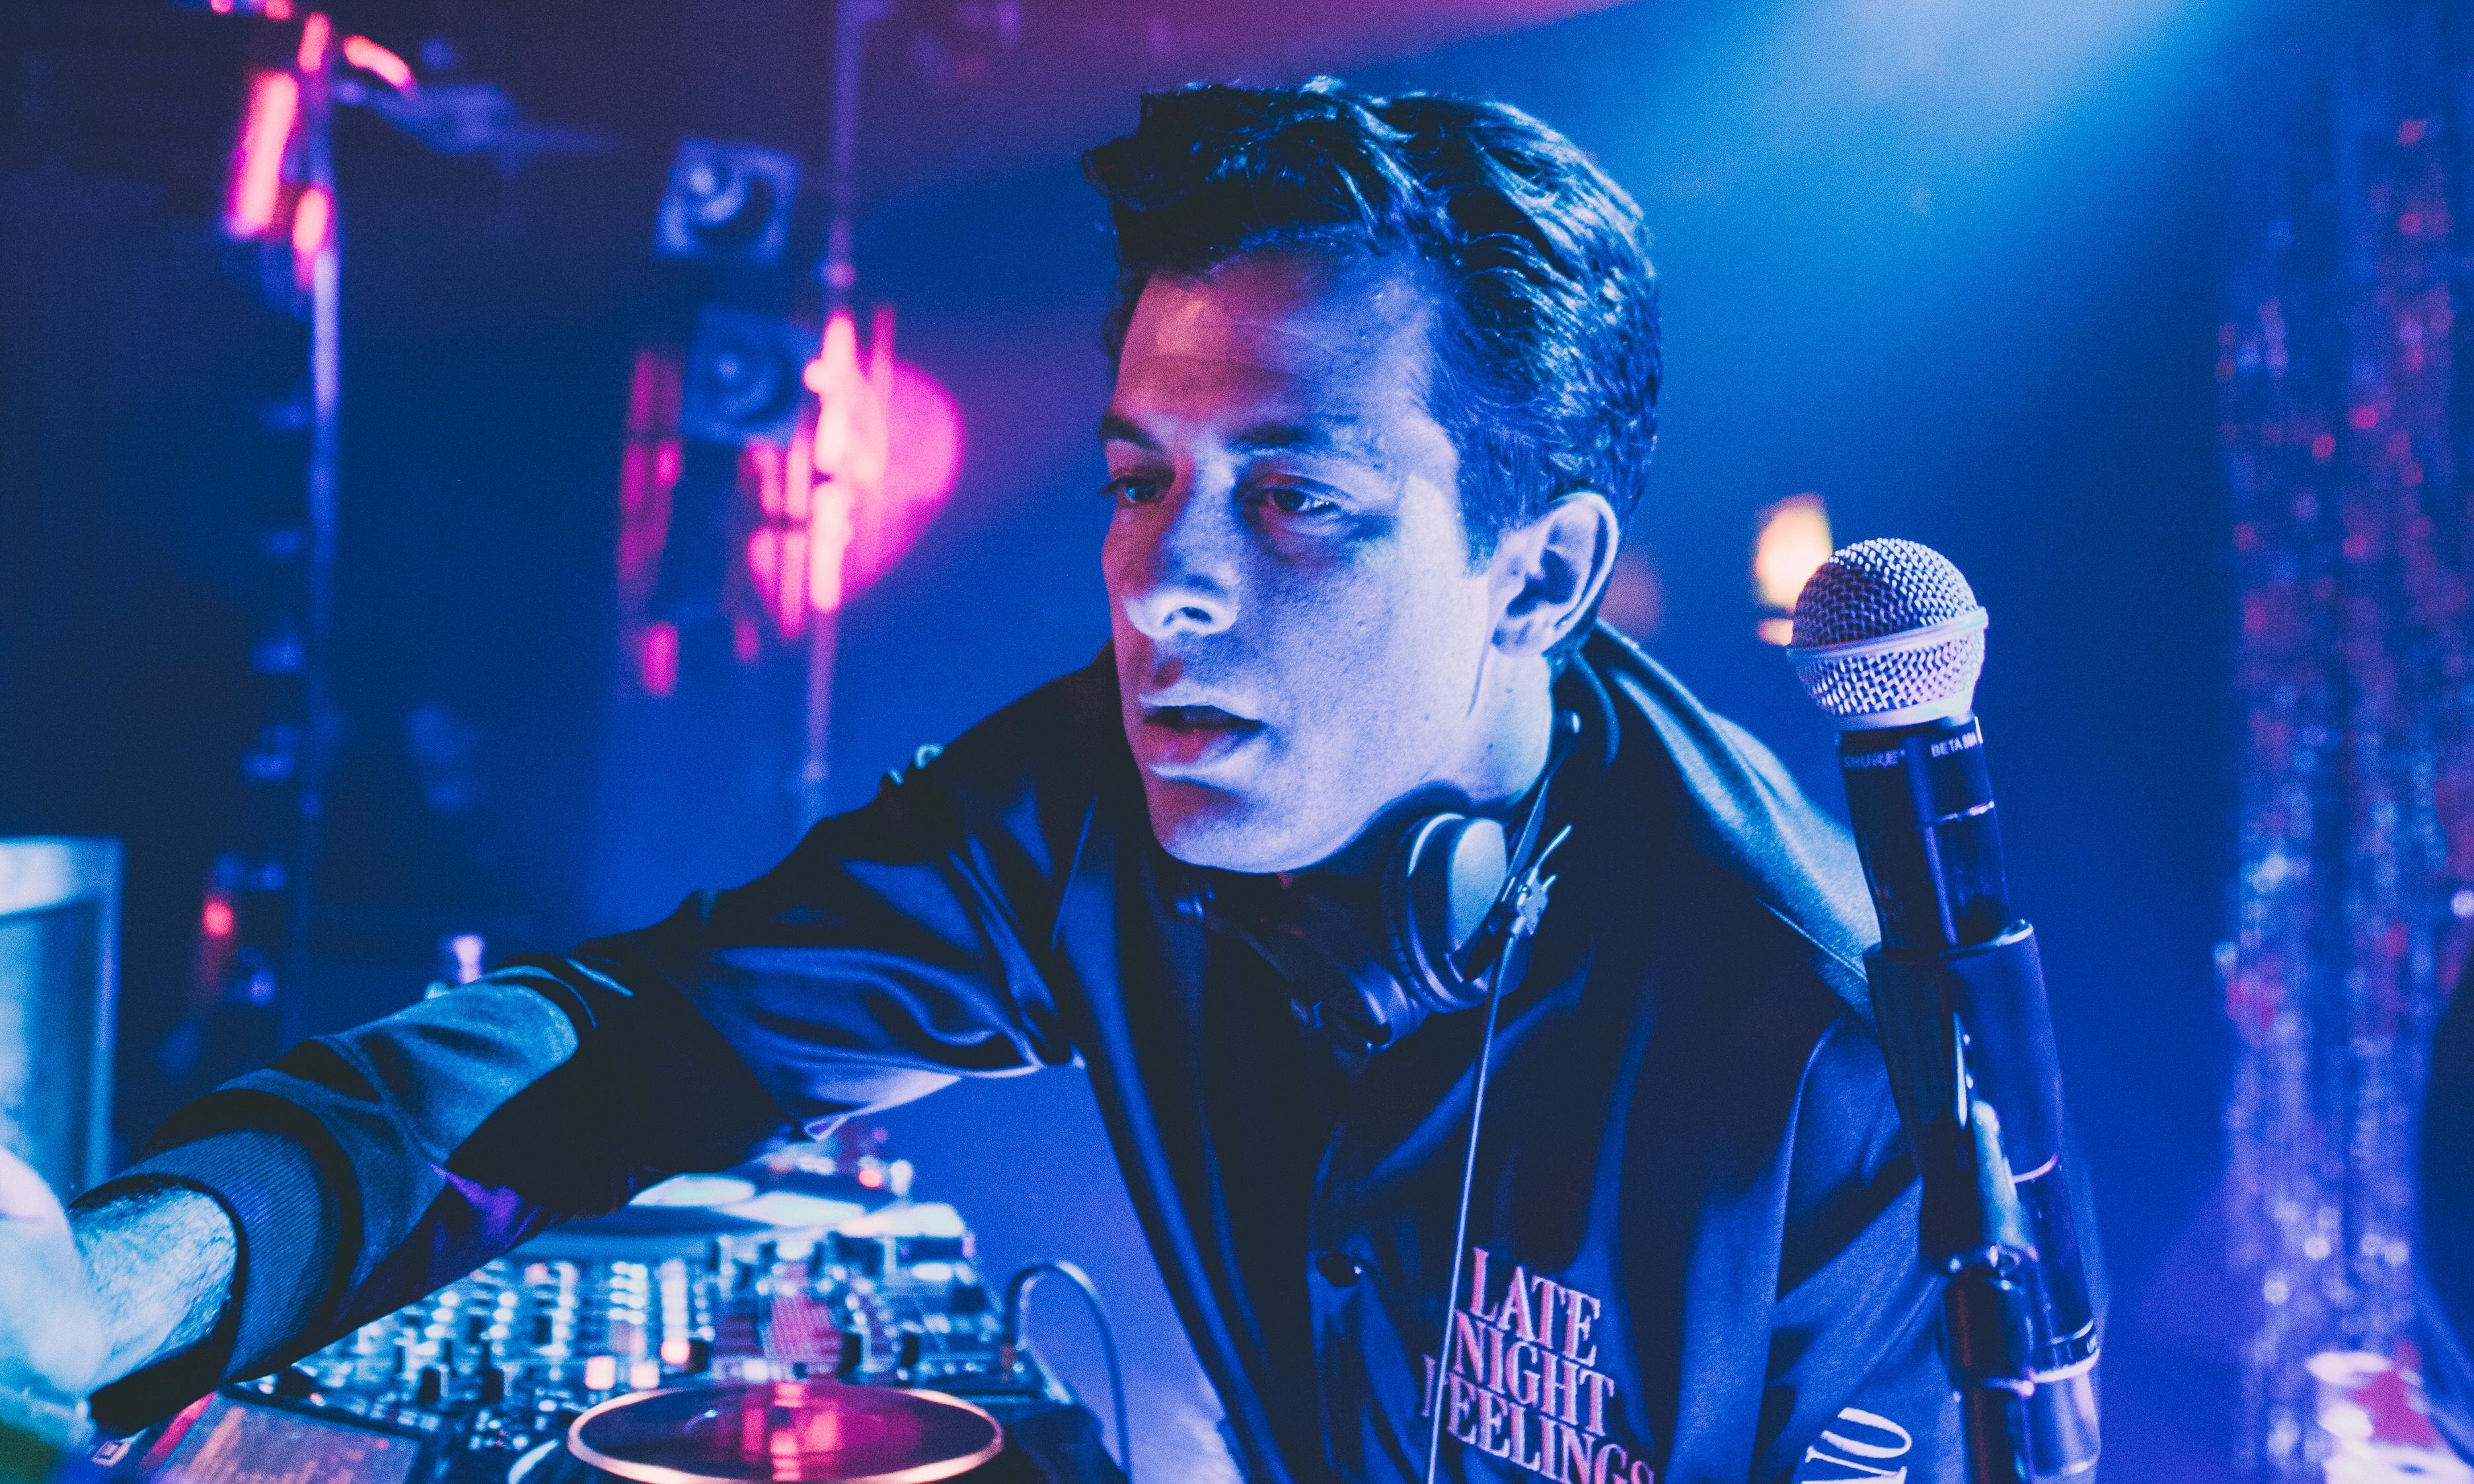 Mark Ronson review – tears on the dancefloor for sad-sack DJ set